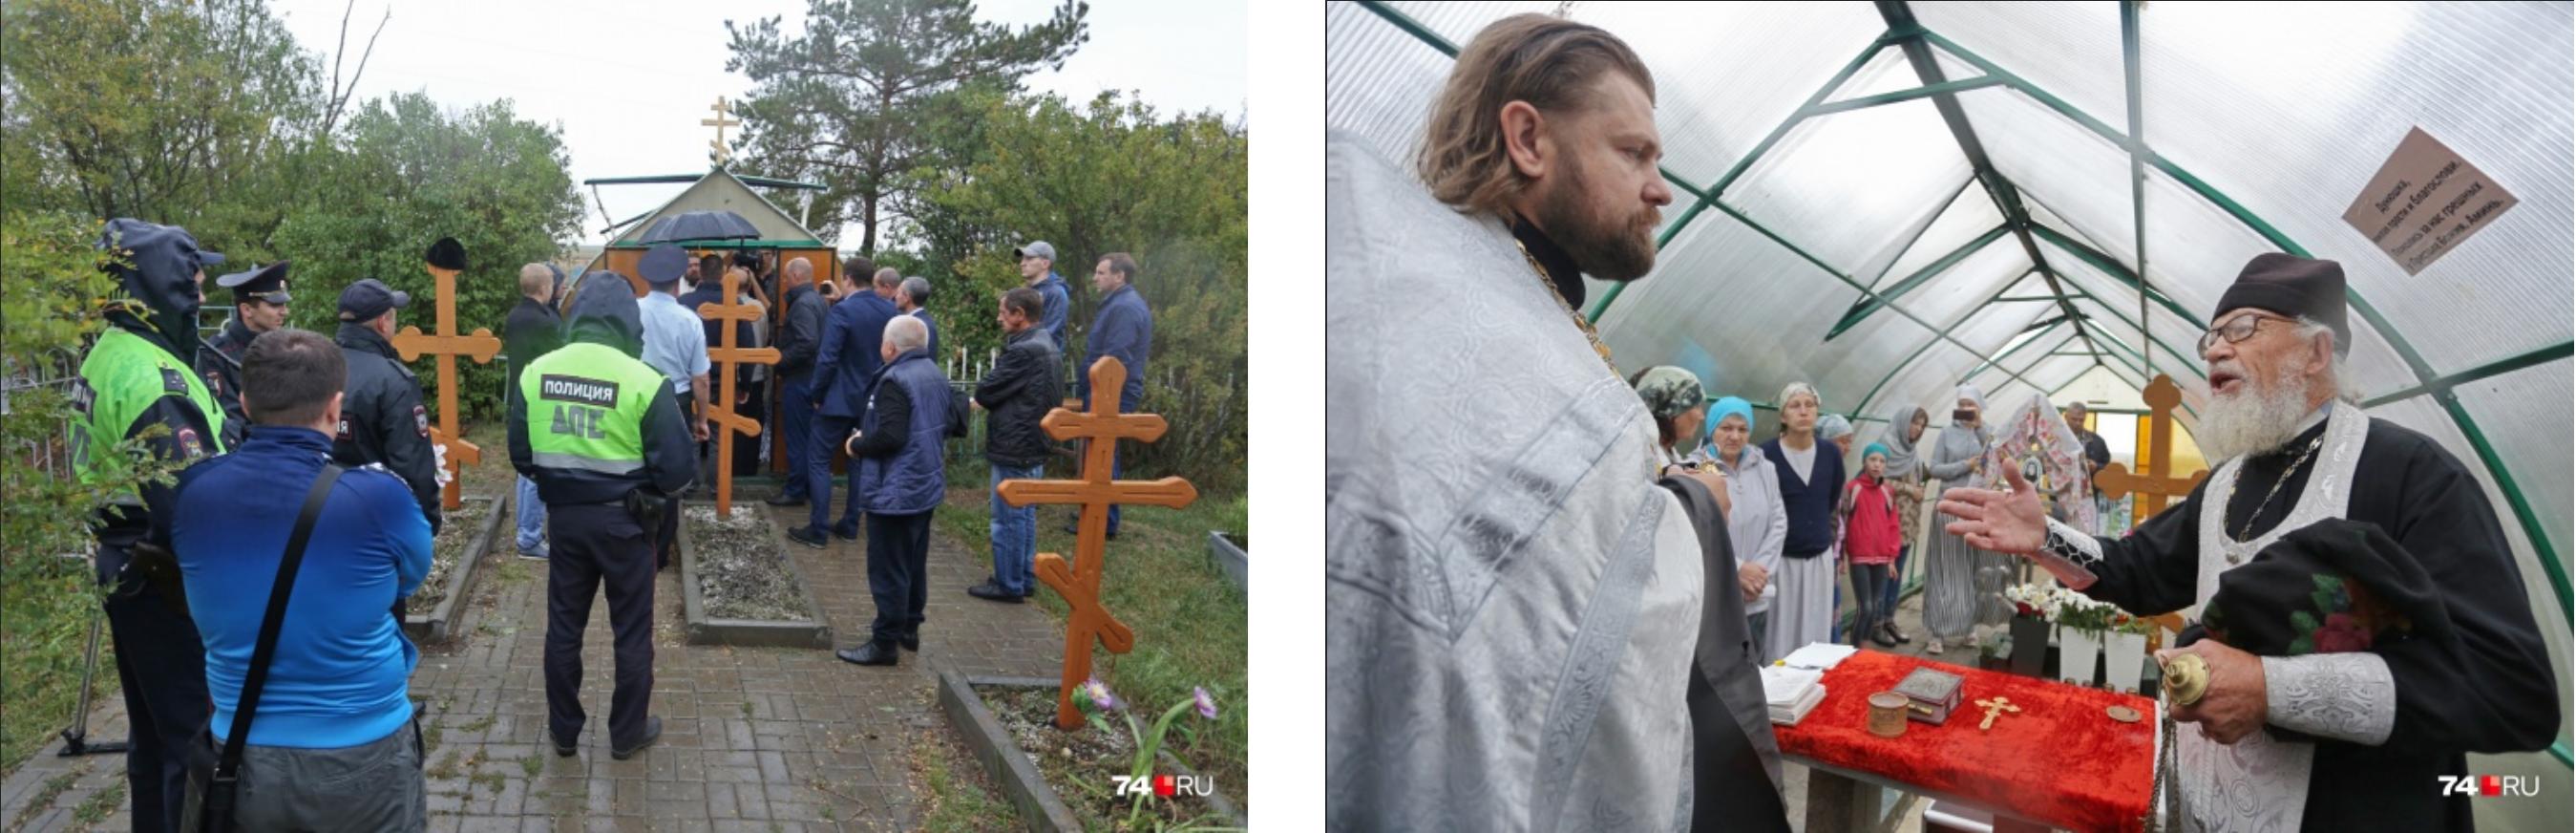 Полиция охраняет могилу святой Дунюшки от попыток незаконной эксгумации. И не стыдно тебе? Или ты уже совесть потерял? — гневно спрашивает отец Иоанн представителя Троицкой епархии